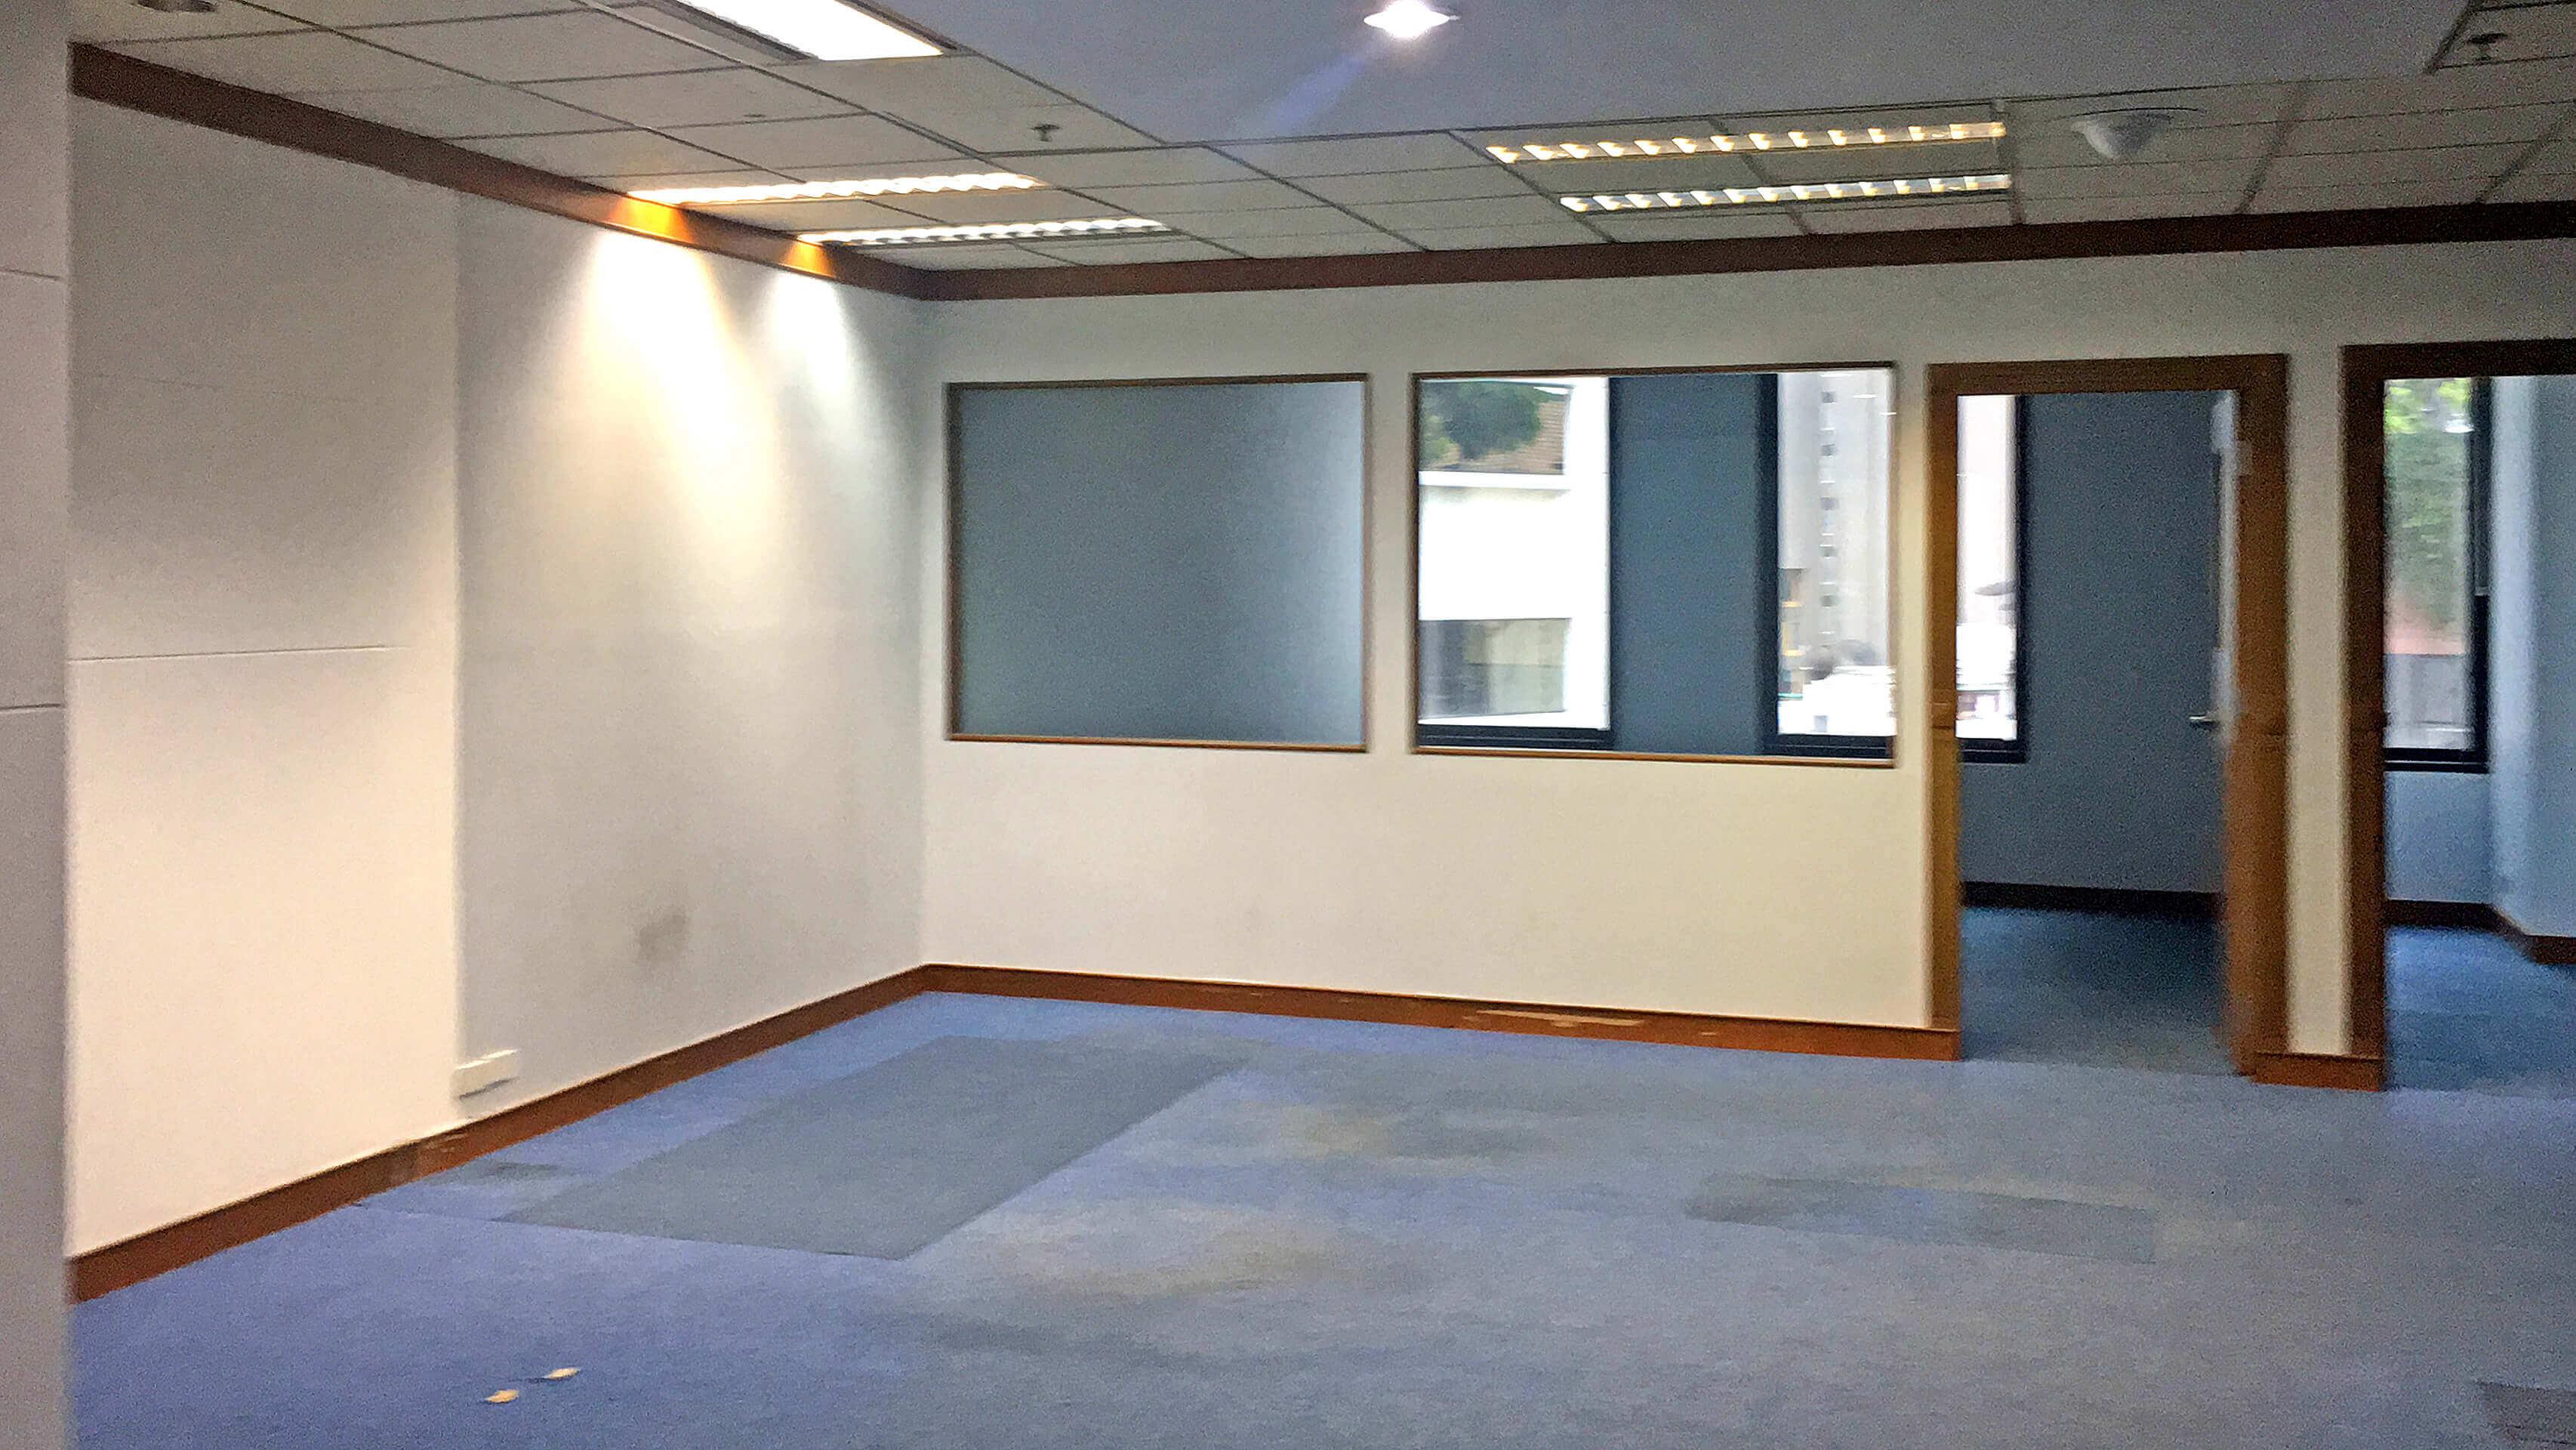 ナナ オフィス 物件 Two Pacific Place オフィス内の様子